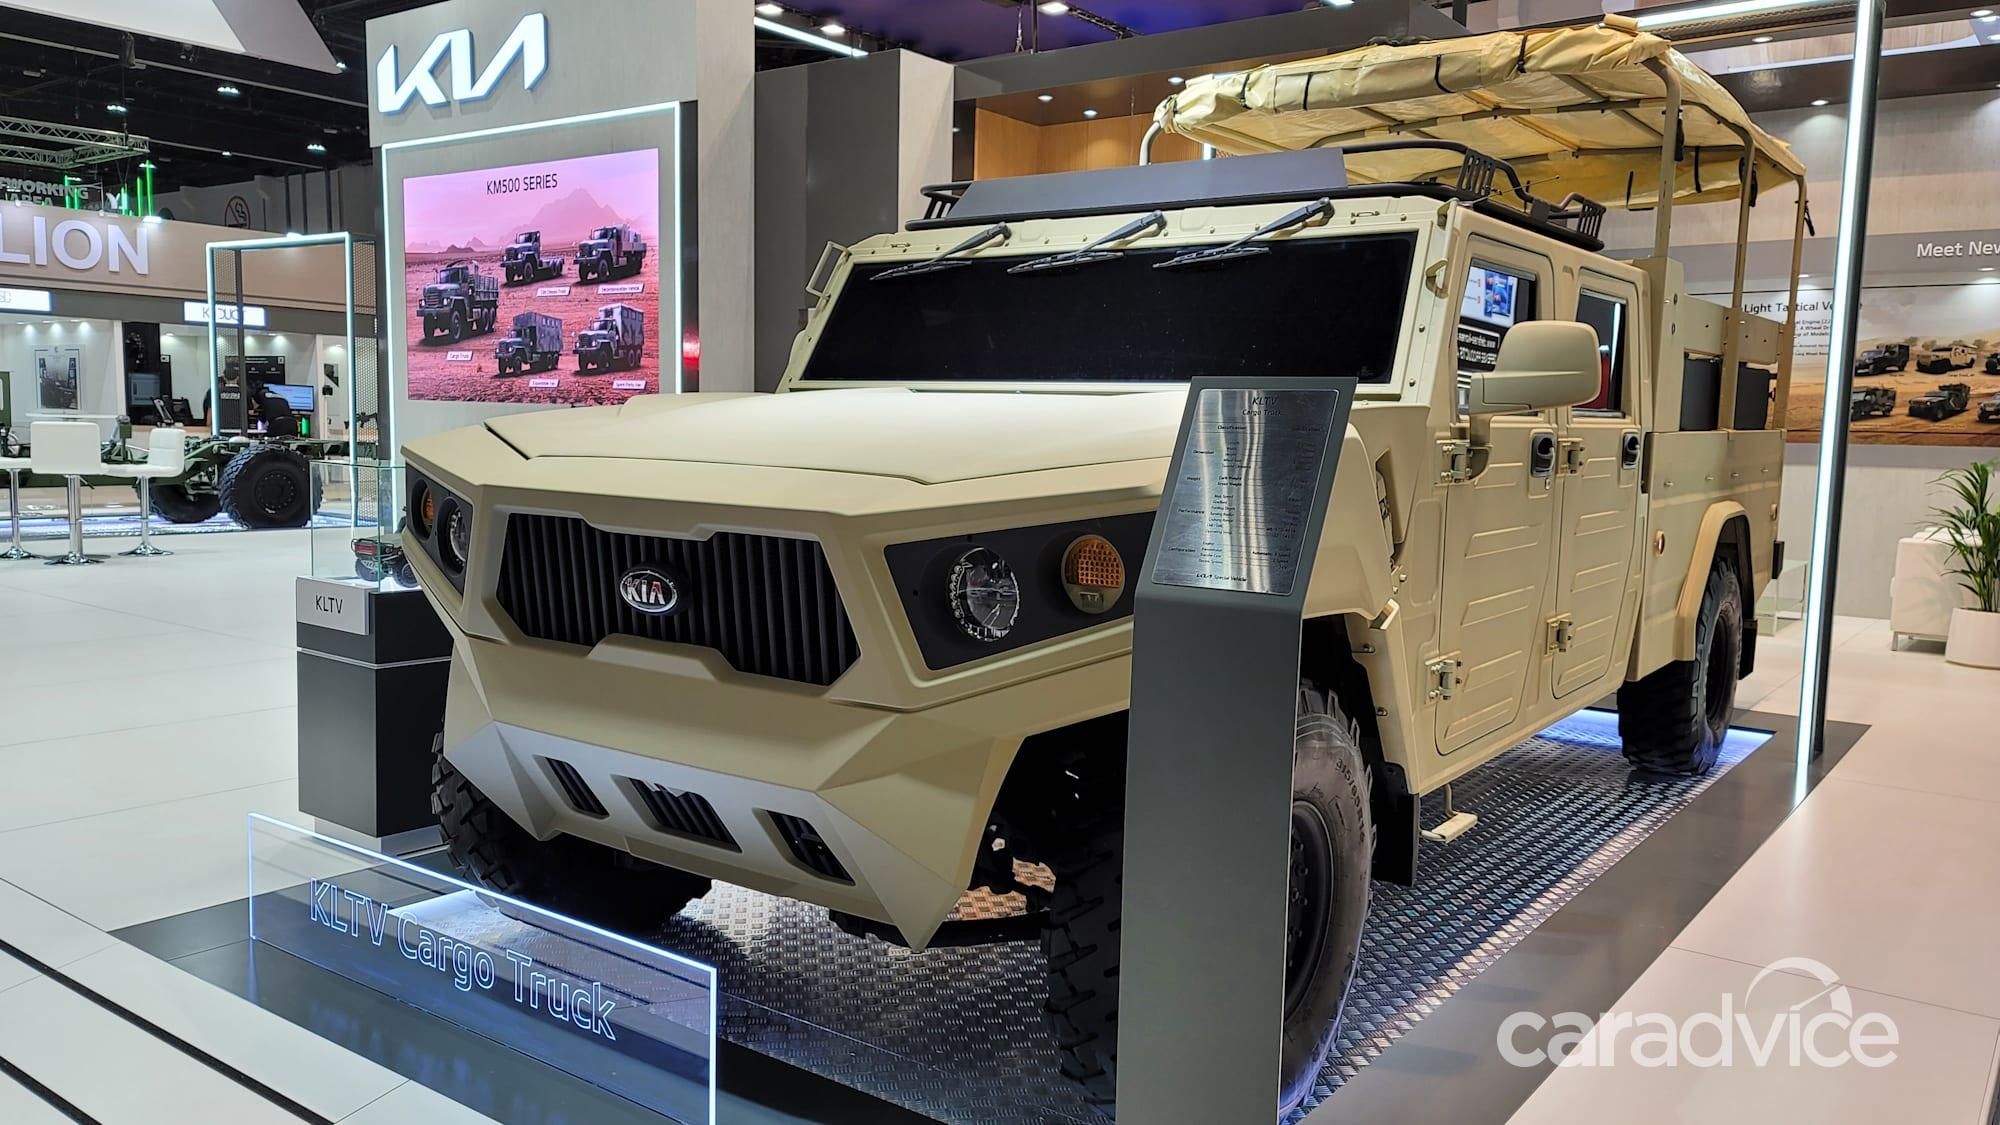 Конкурент Kia Hummer: представлен военный концепт легкого тактического грузовика - 2 из 2